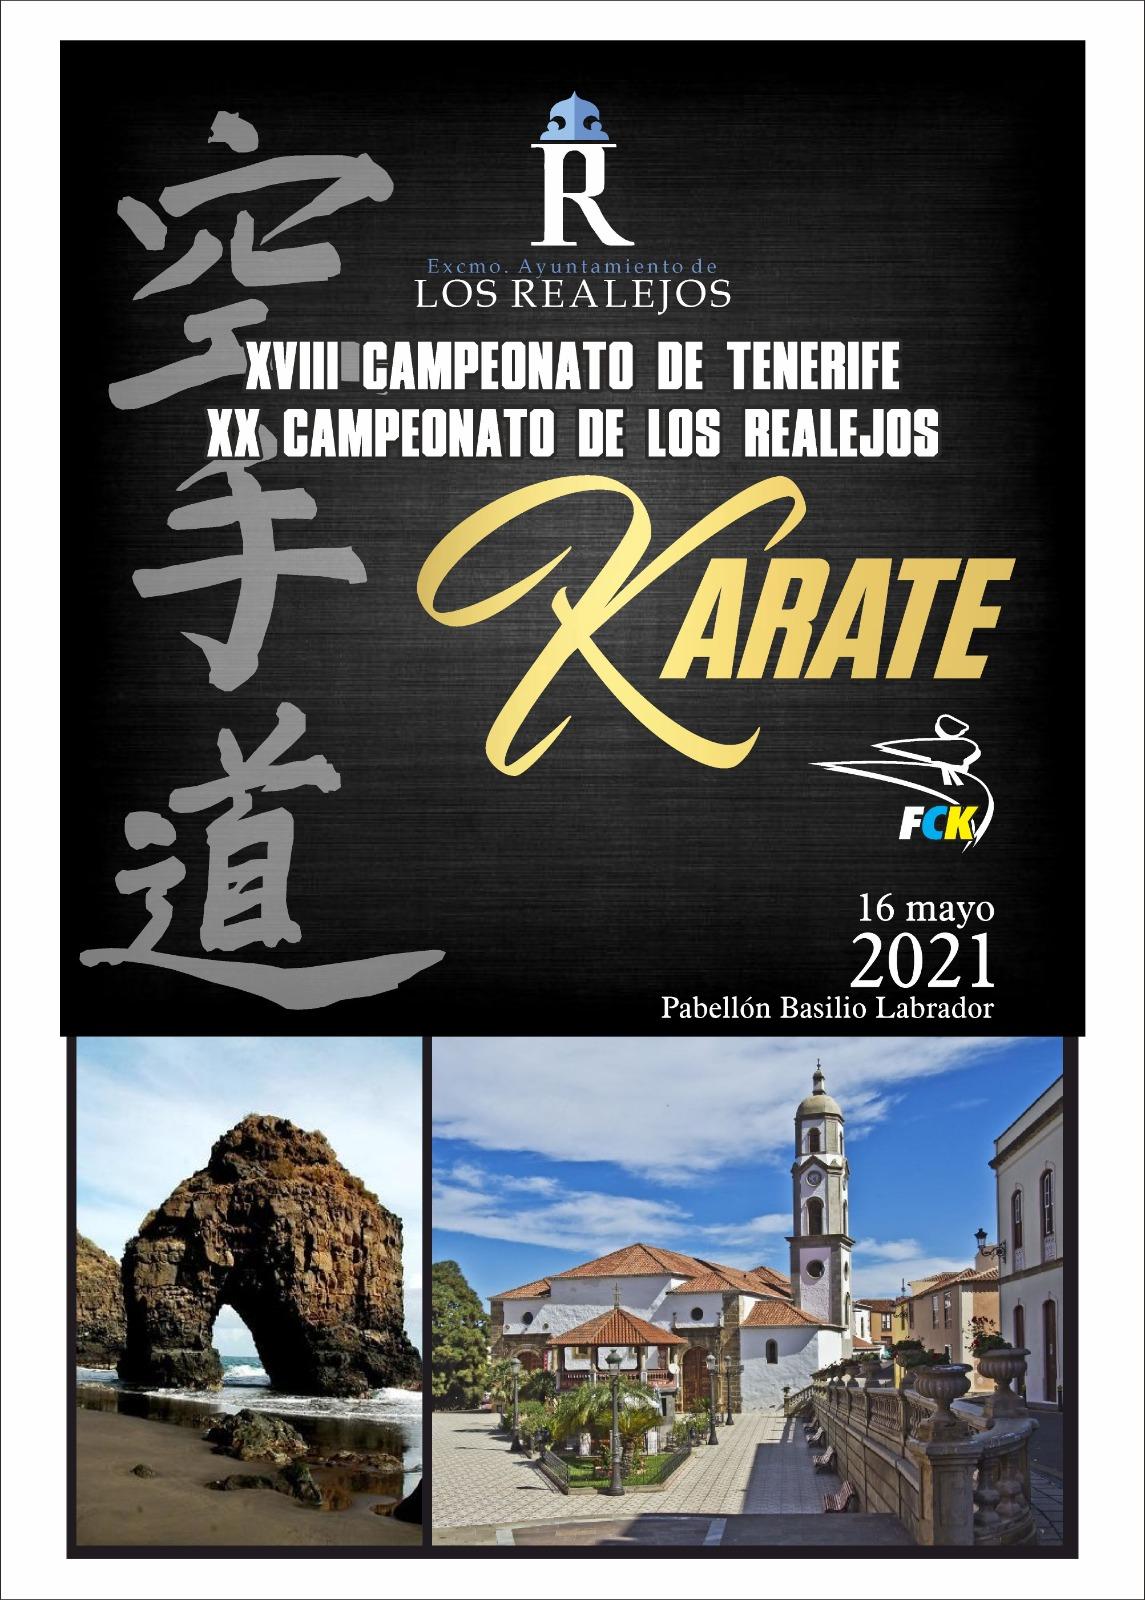 Campeonato de Tenerife – Los Realejos 2021